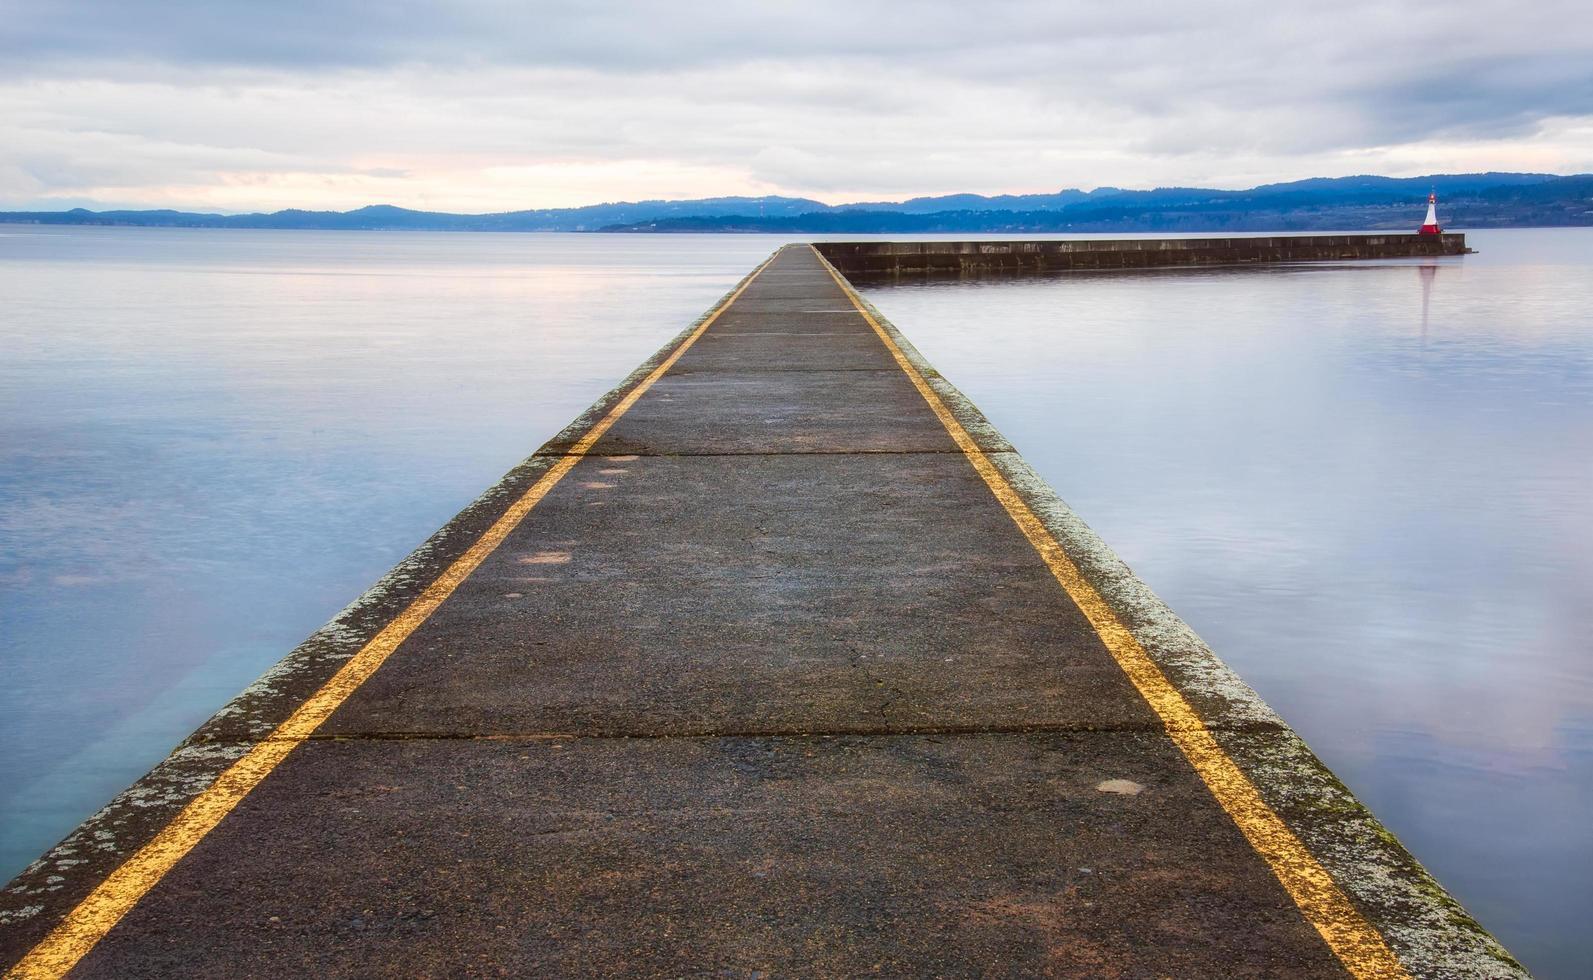 Dock von Wasser umgeben foto